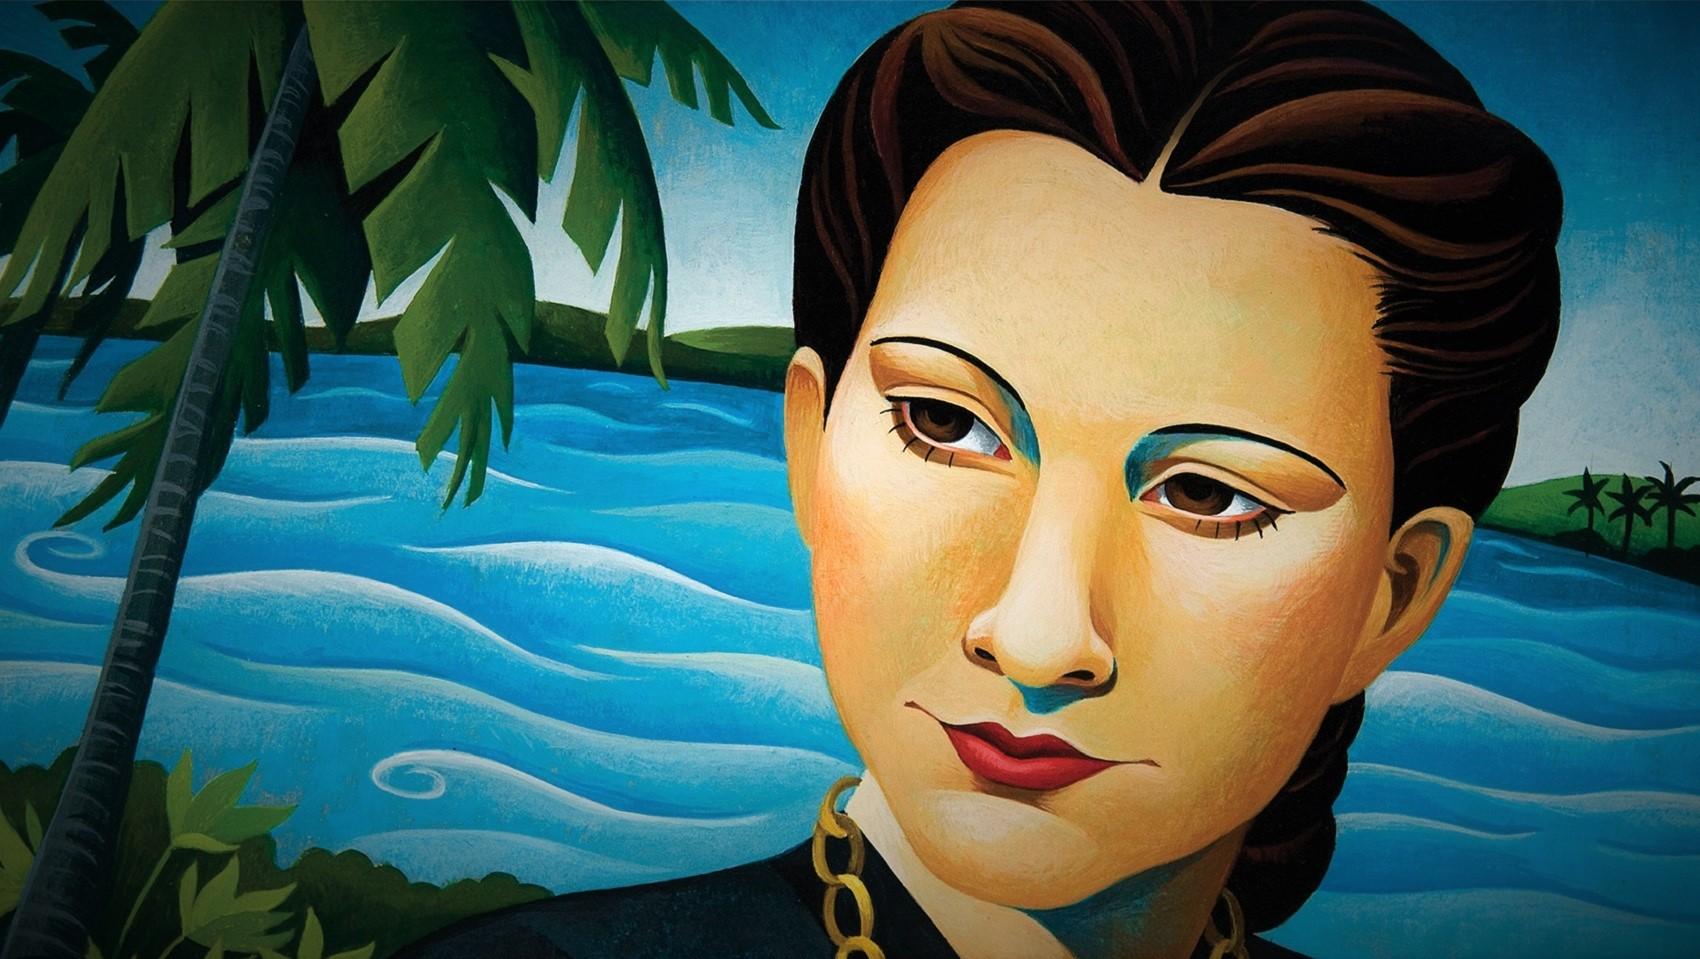 Julia De Burgos at spillwords.com